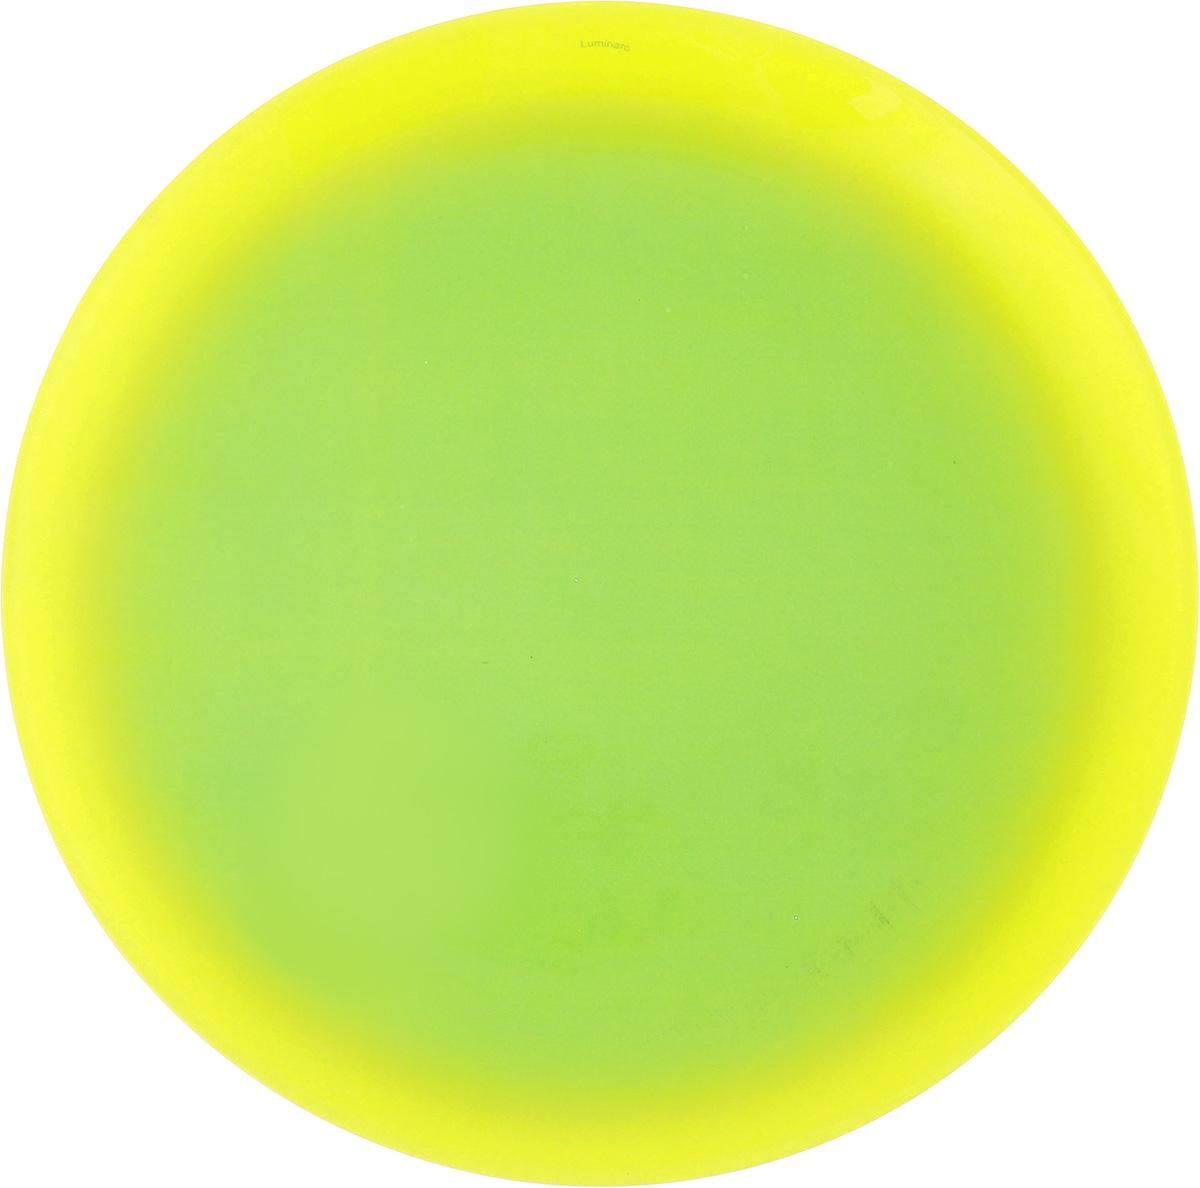 Тарелка обеденная Luminarc Fizz Mint, диаметр 25 смG9550Обеденная тарелка Luminarc Fizz Mint, изготовленная из ударопрочного стекла, имеет изысканный внешний вид. Яркий дизайн придется по вкусу и ценителям классики, и тем, кто предпочитает утонченность. Тарелка Luminarc Fizz Mint идеально подойдет для сервировки вторых блюд из птицы, рыбы, мяса или овощей, а также станет отличным подарком к любому празднику.Диаметр тарелки (по верхнему краю): 25 см.